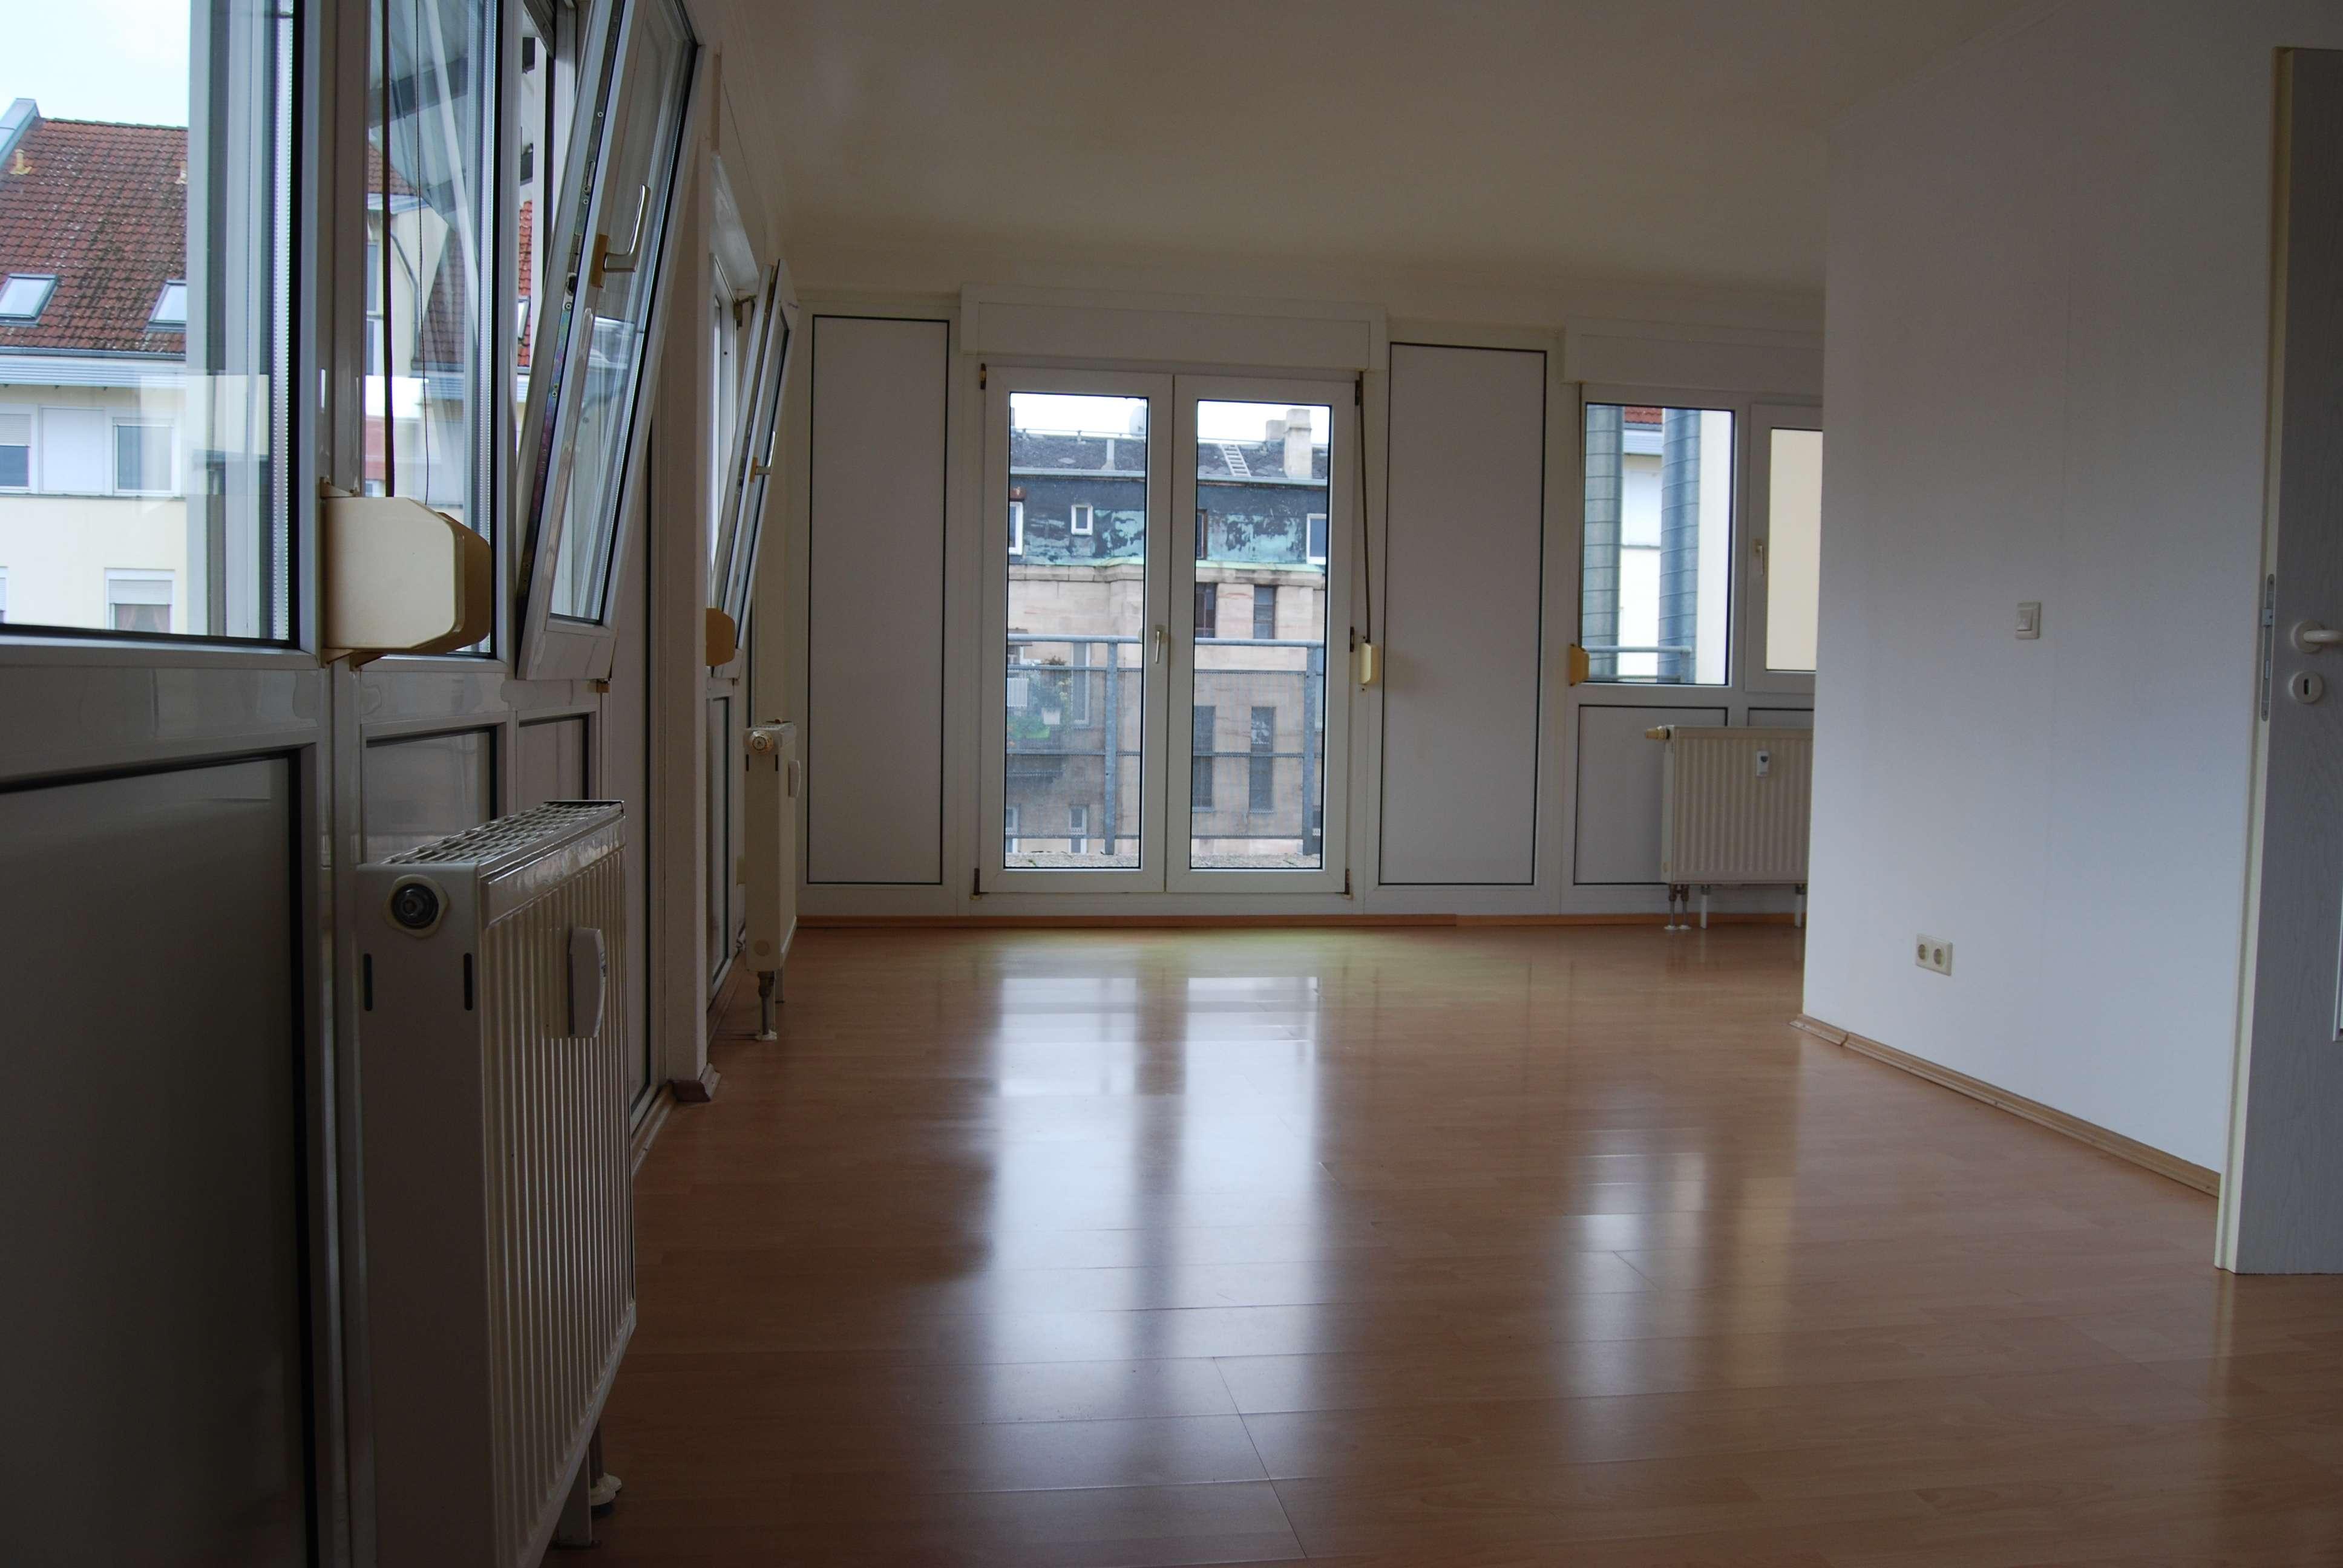 Sehr helle und gemütliche 1-Zimmerwohnung mit großer Terasse ! in Stadtpark / Stadtgrenze (Fürth)